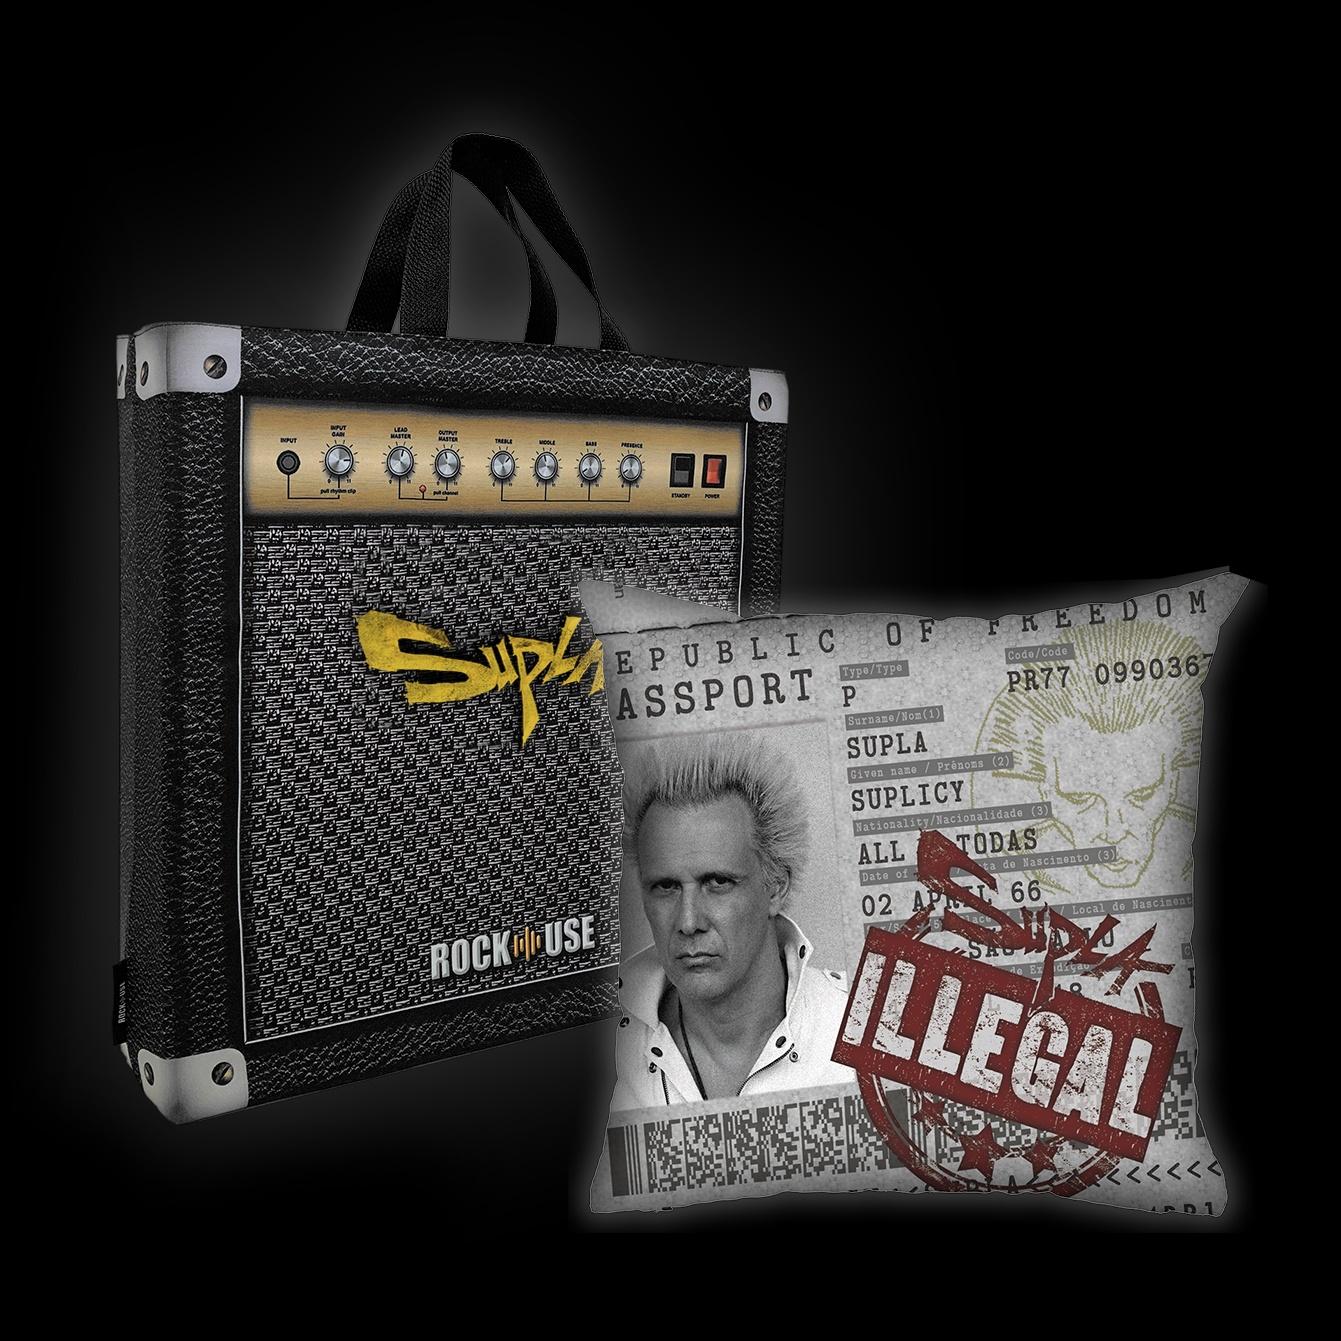 Supla - Illegal